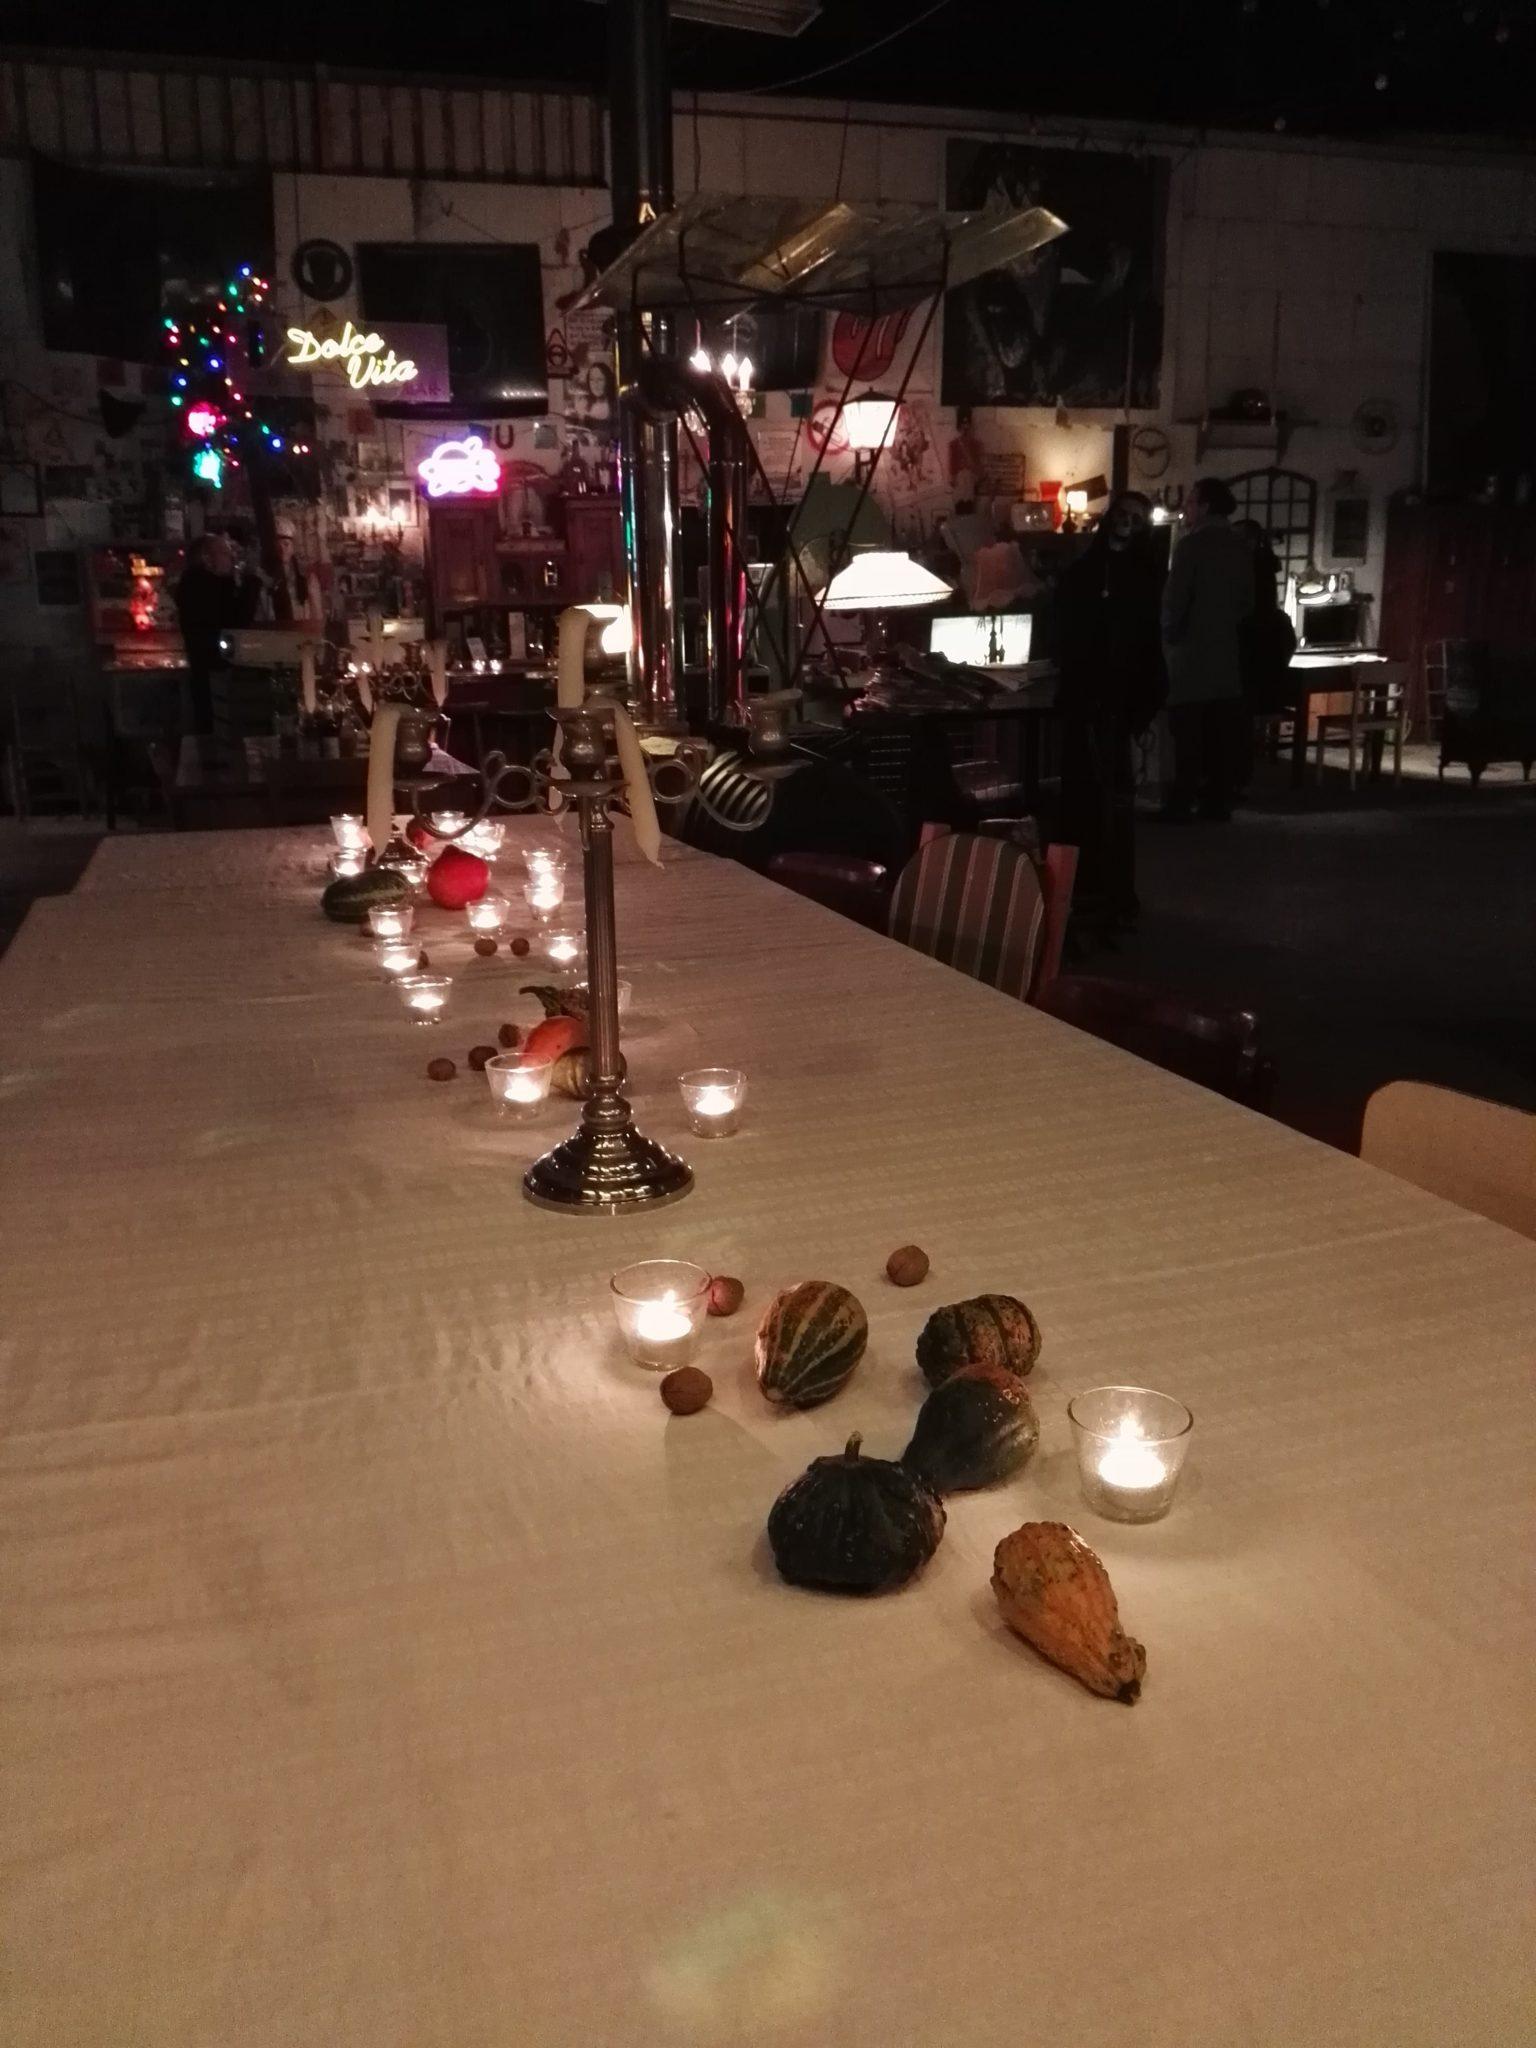 11hoch11 creative spaces 2019 die halle in braunschweig